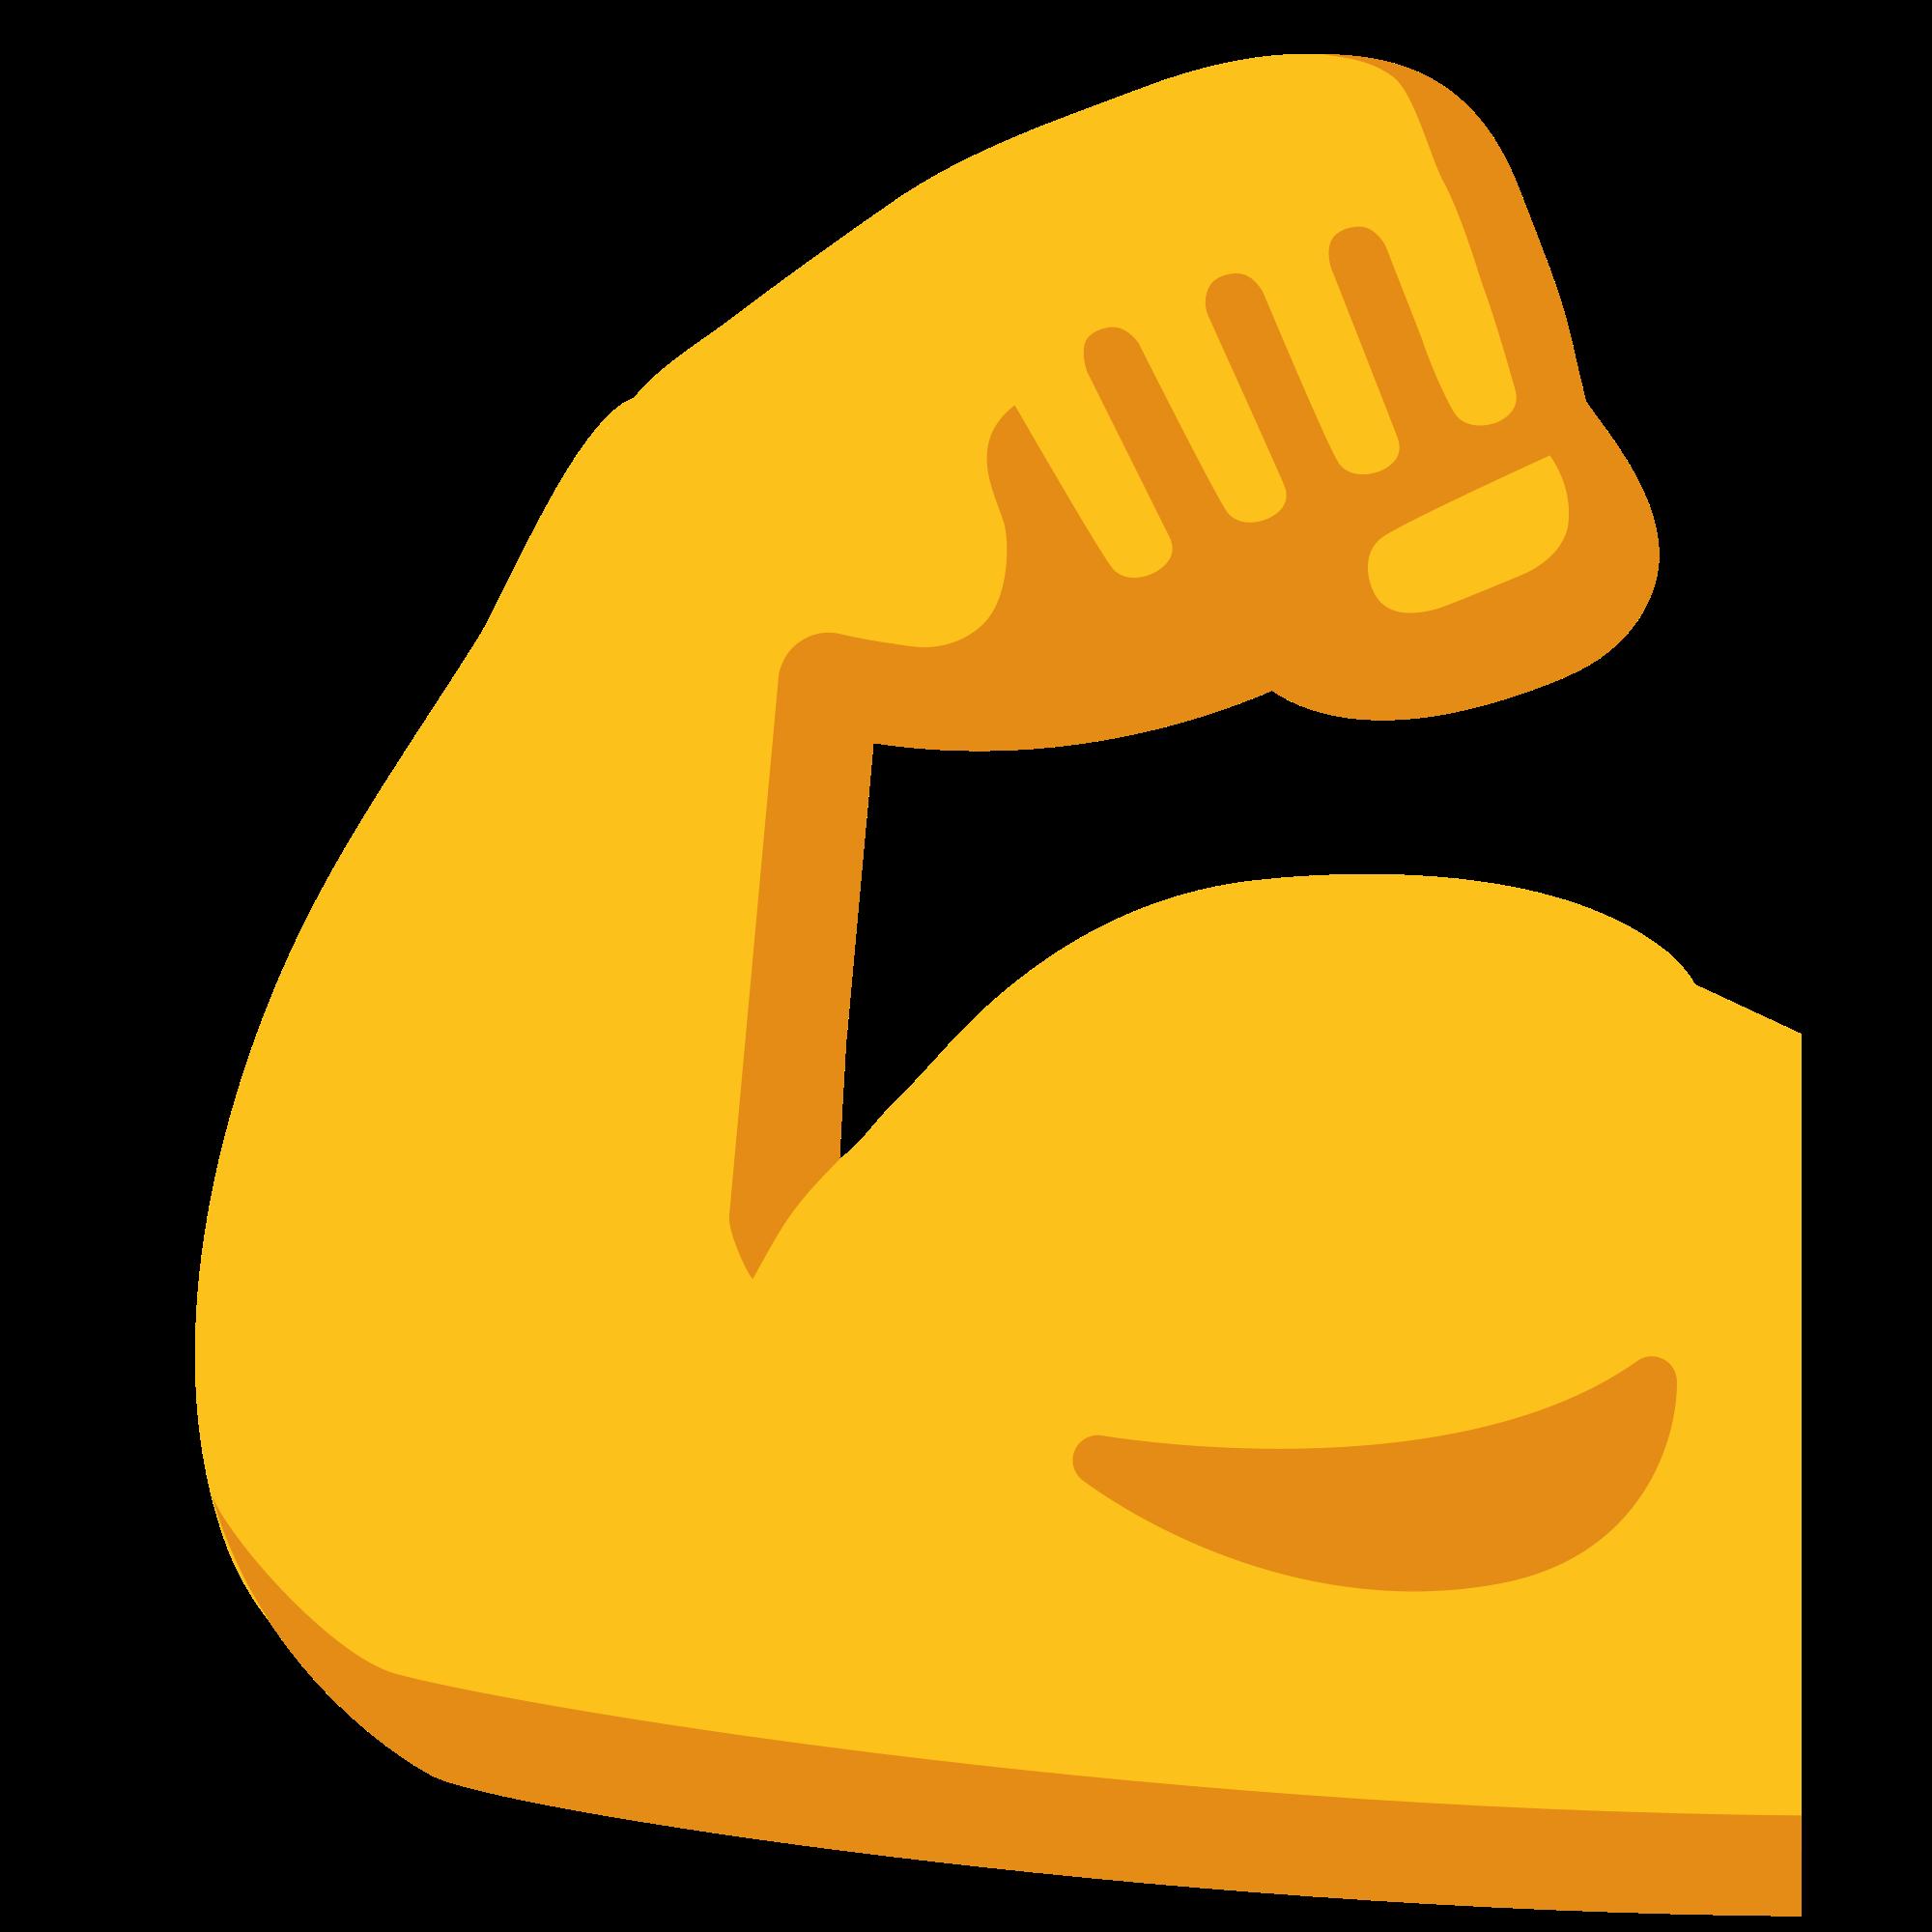 Muscles clipart flex muscle. File emoji u f